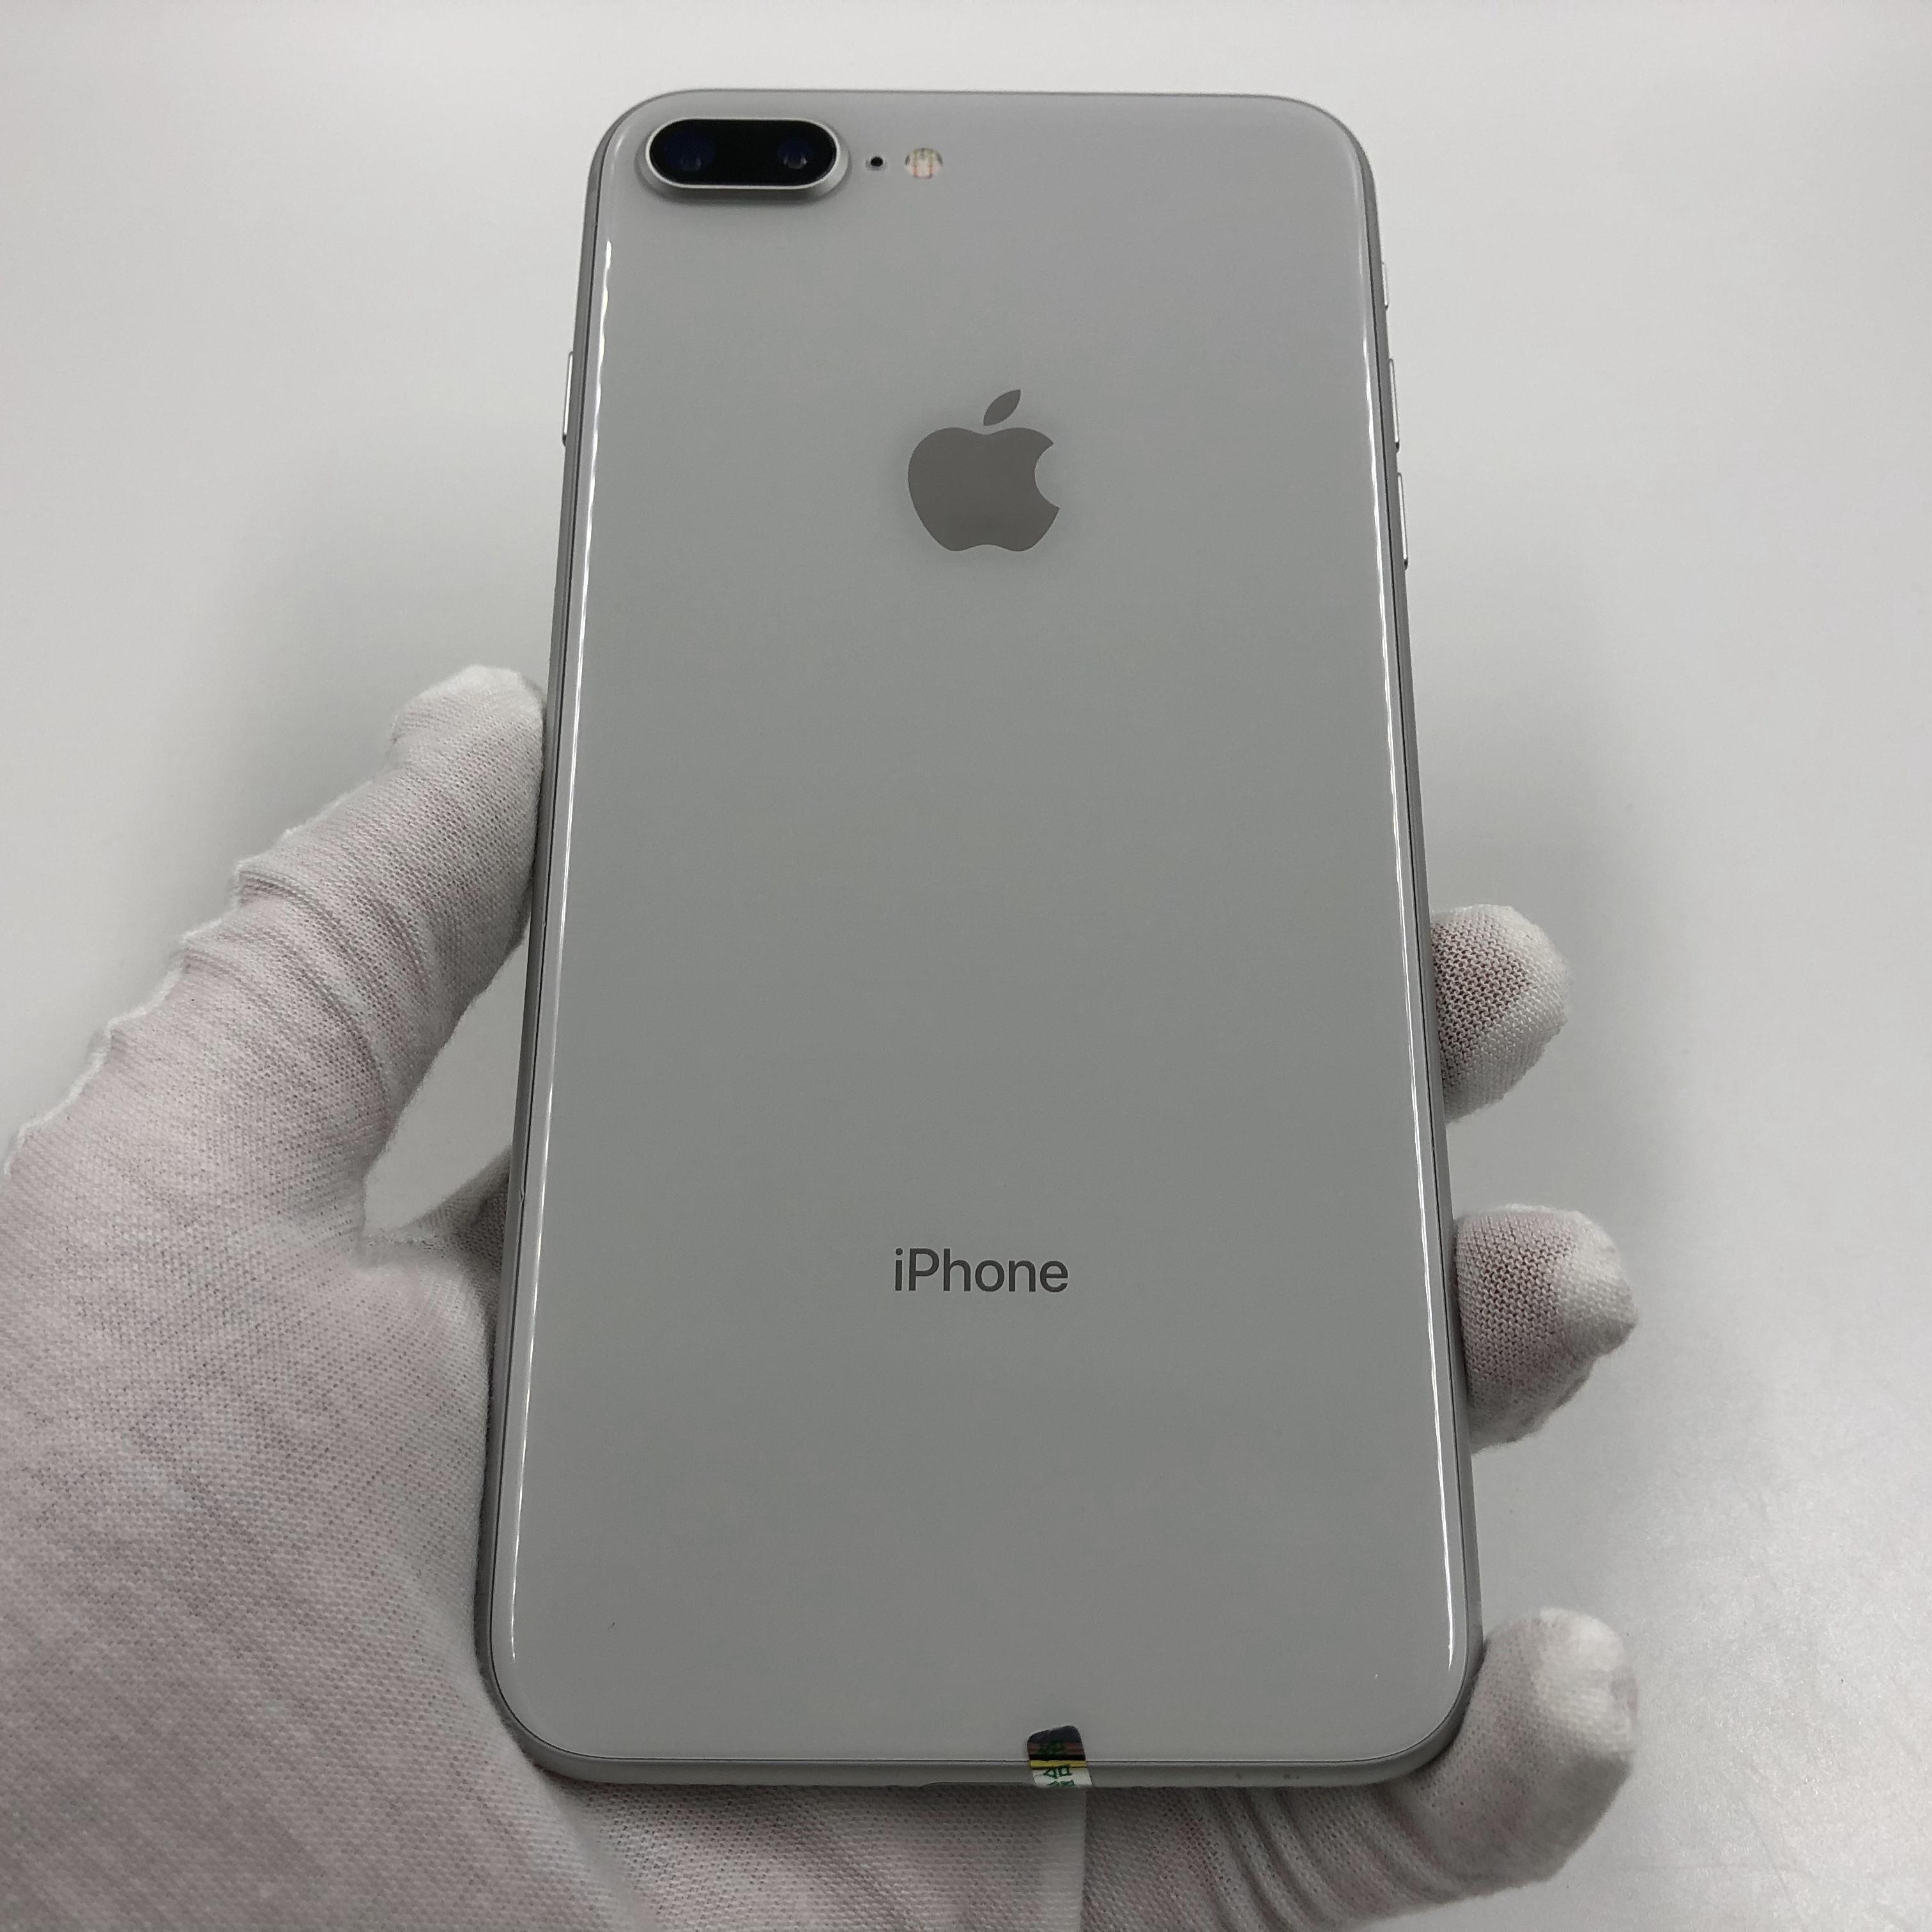 苹果【iPhone 8 Plus】4G全网通 银色 128G 国行 9成新 真机实拍